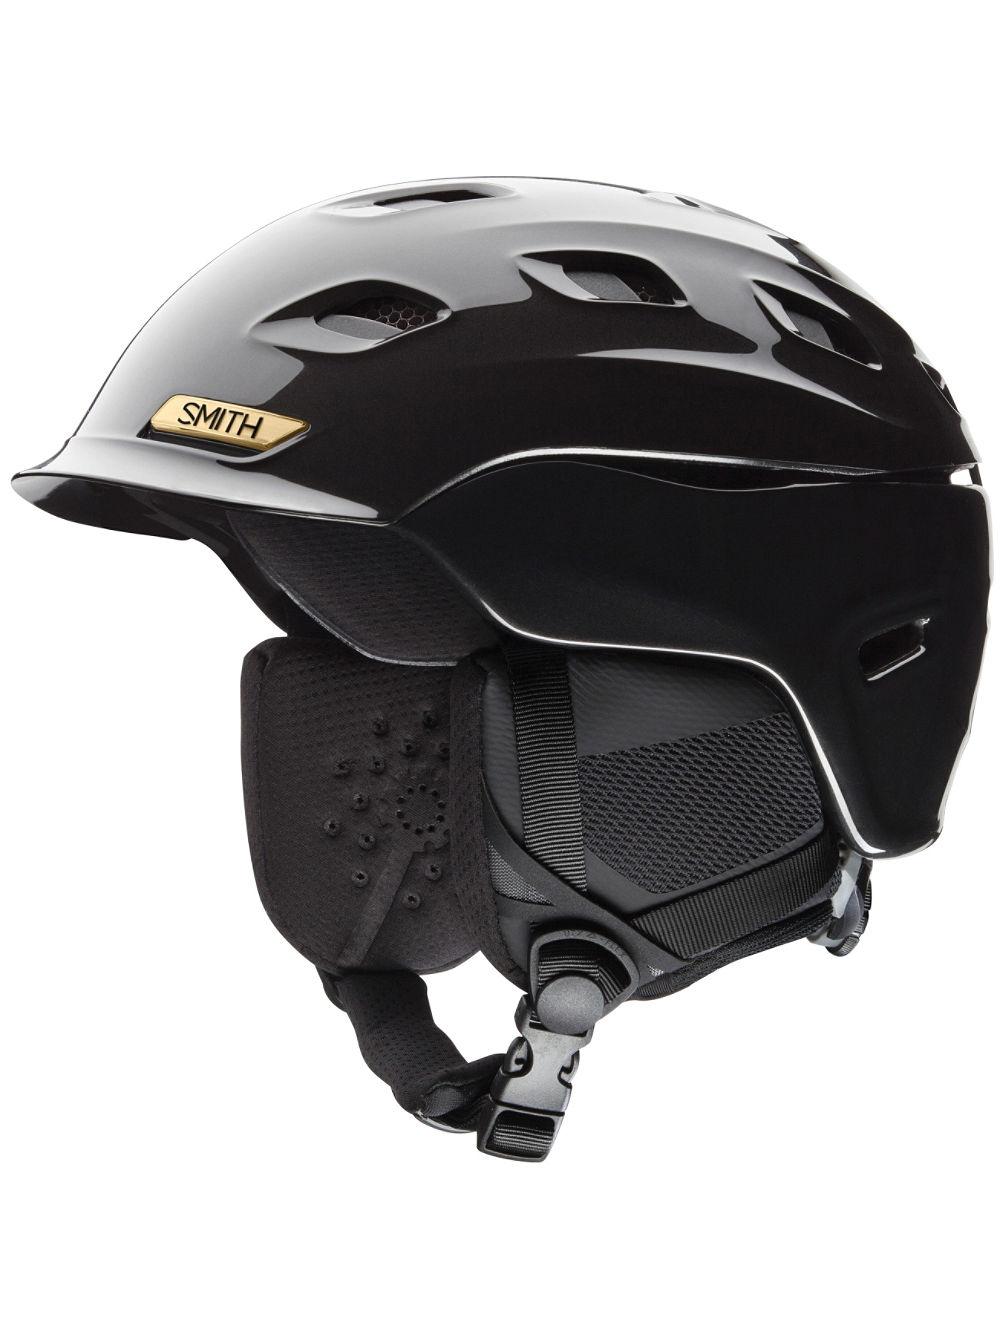 smith-vantage-w-helmet